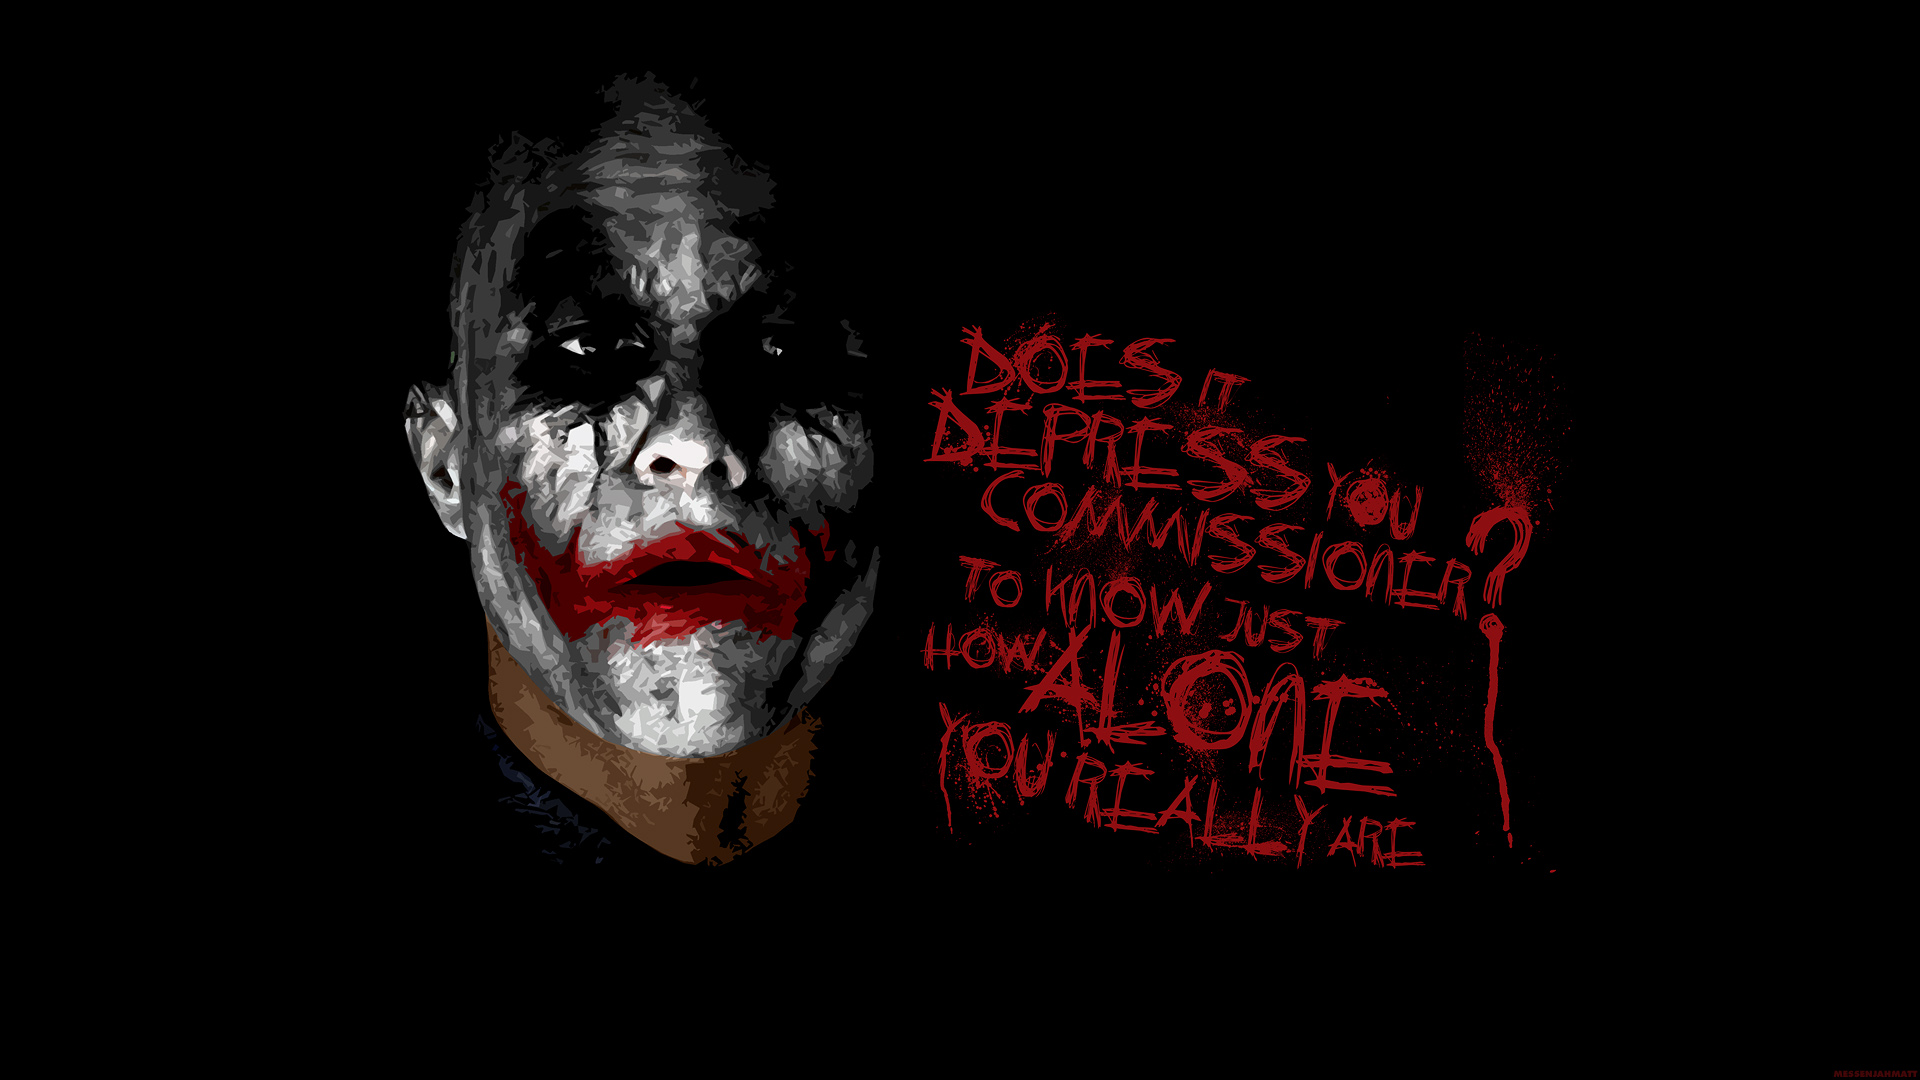 joker hd hd wallpaper